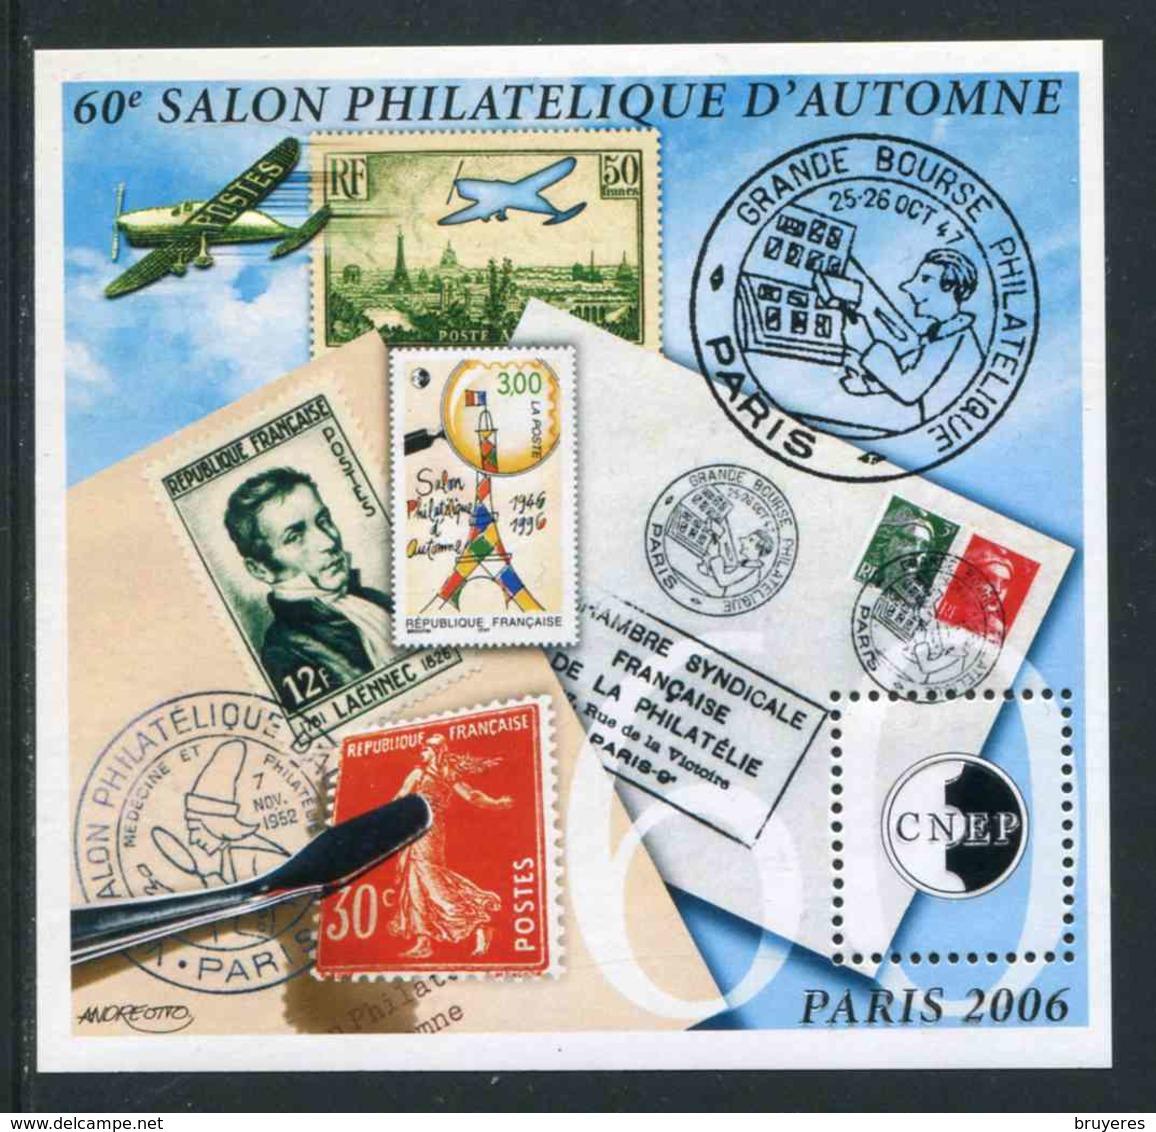 """FEUILLET-SOUVENIR** De 2006 De La CNEP """"60e SALON PHILATELIQUE D'AUTOMNE à PARIS - 60e Anniversaire"""" - CNEP"""